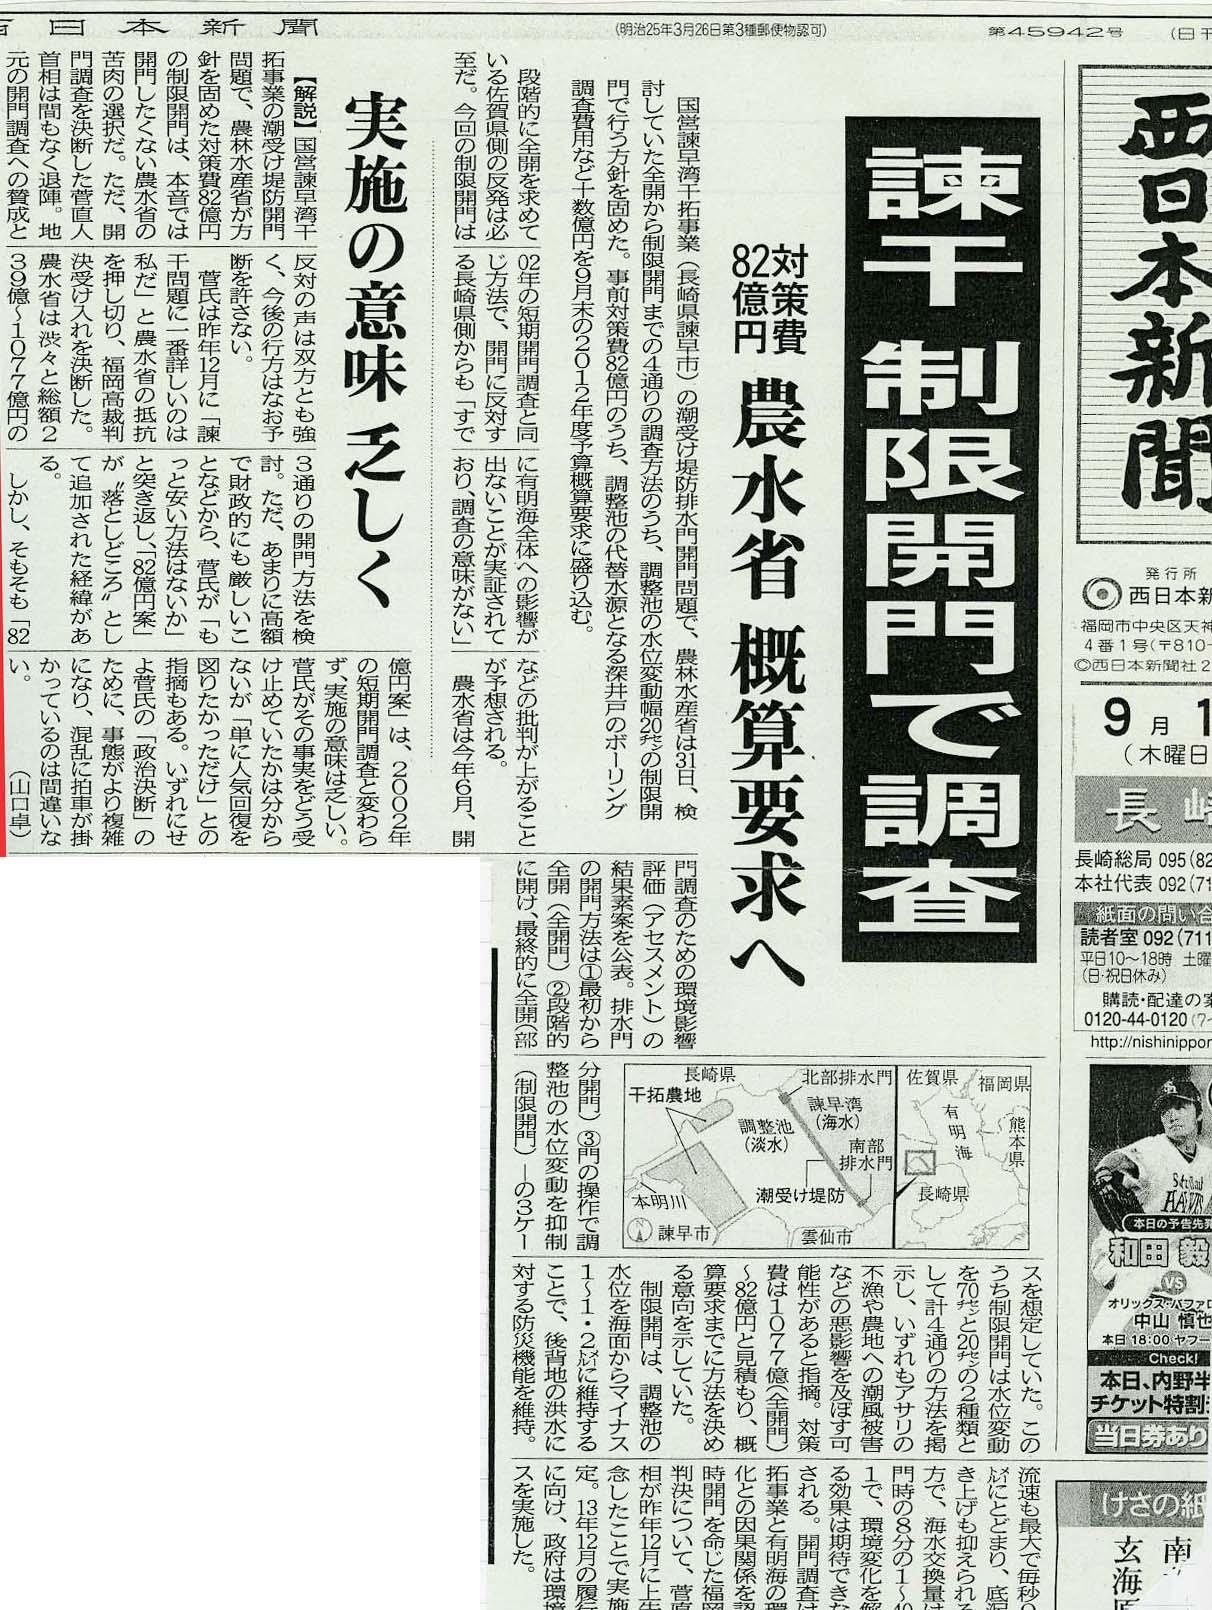 西日本の一面すっぱ抜き_c0052876_9541547.jpg